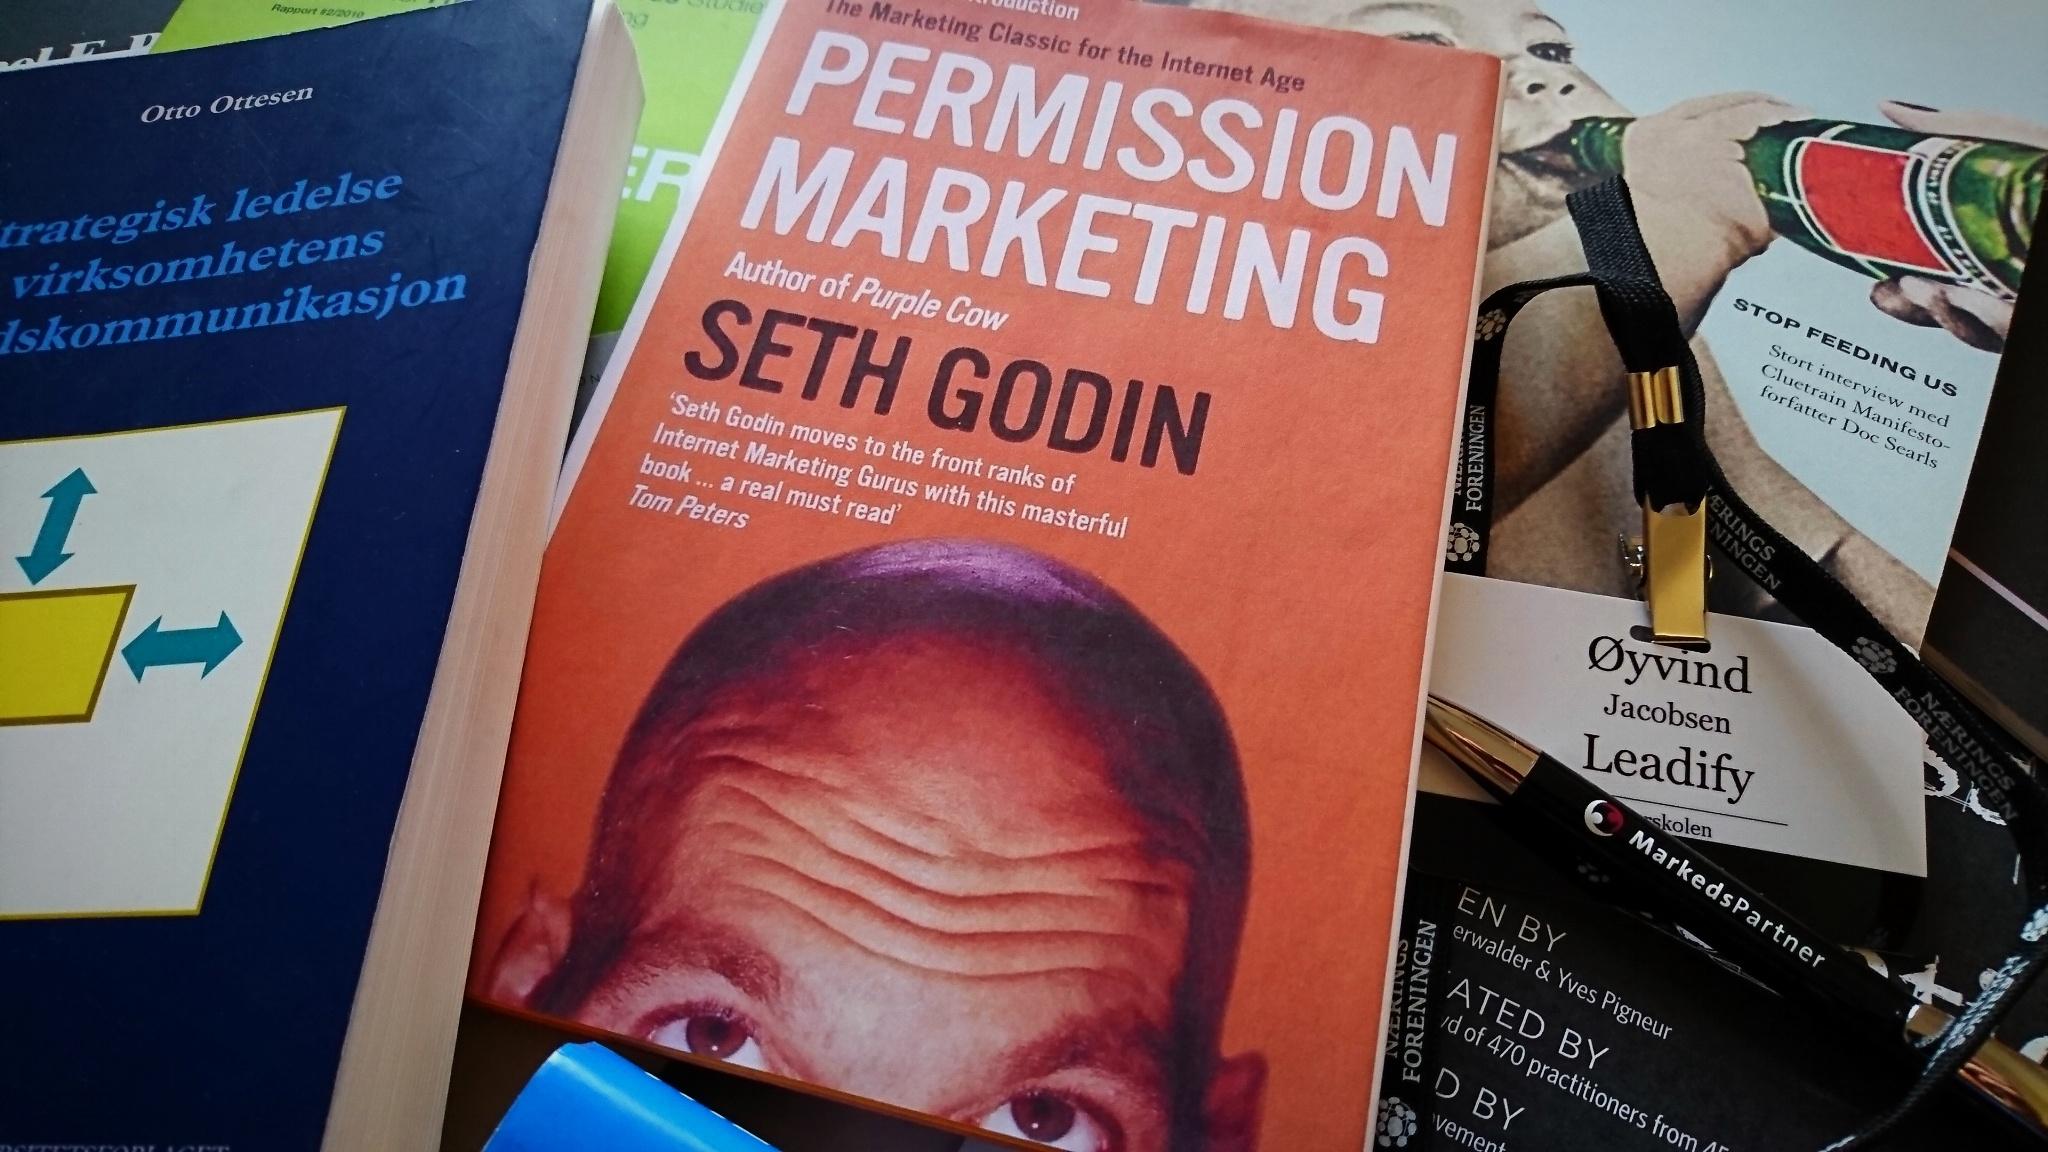 3 anbefalte bøker for digital B2B markedsføring [2:3]